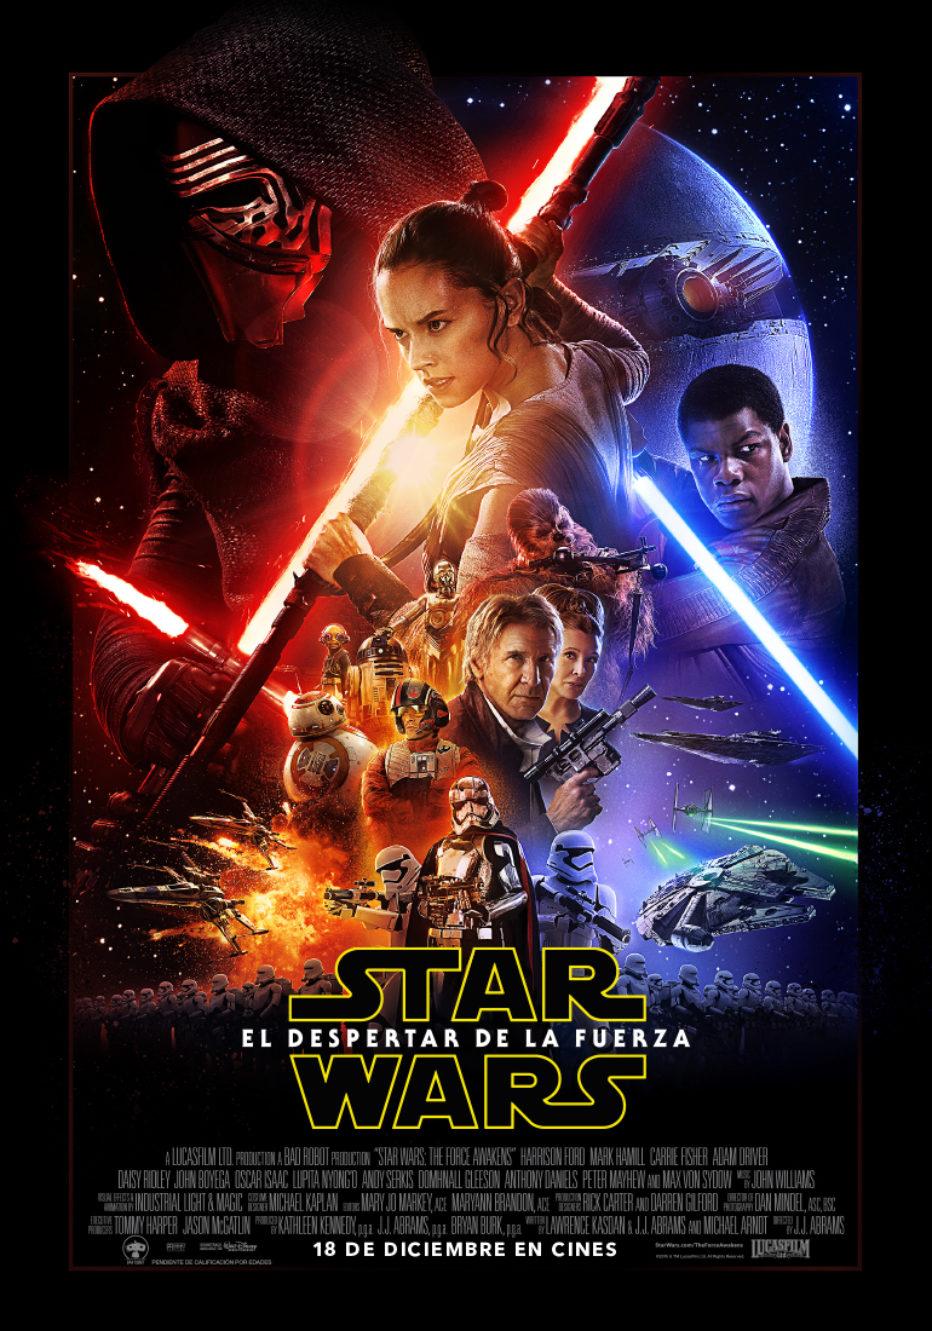 Clips de los teasers del trailer de Star Wars: El despertar de la fuerza